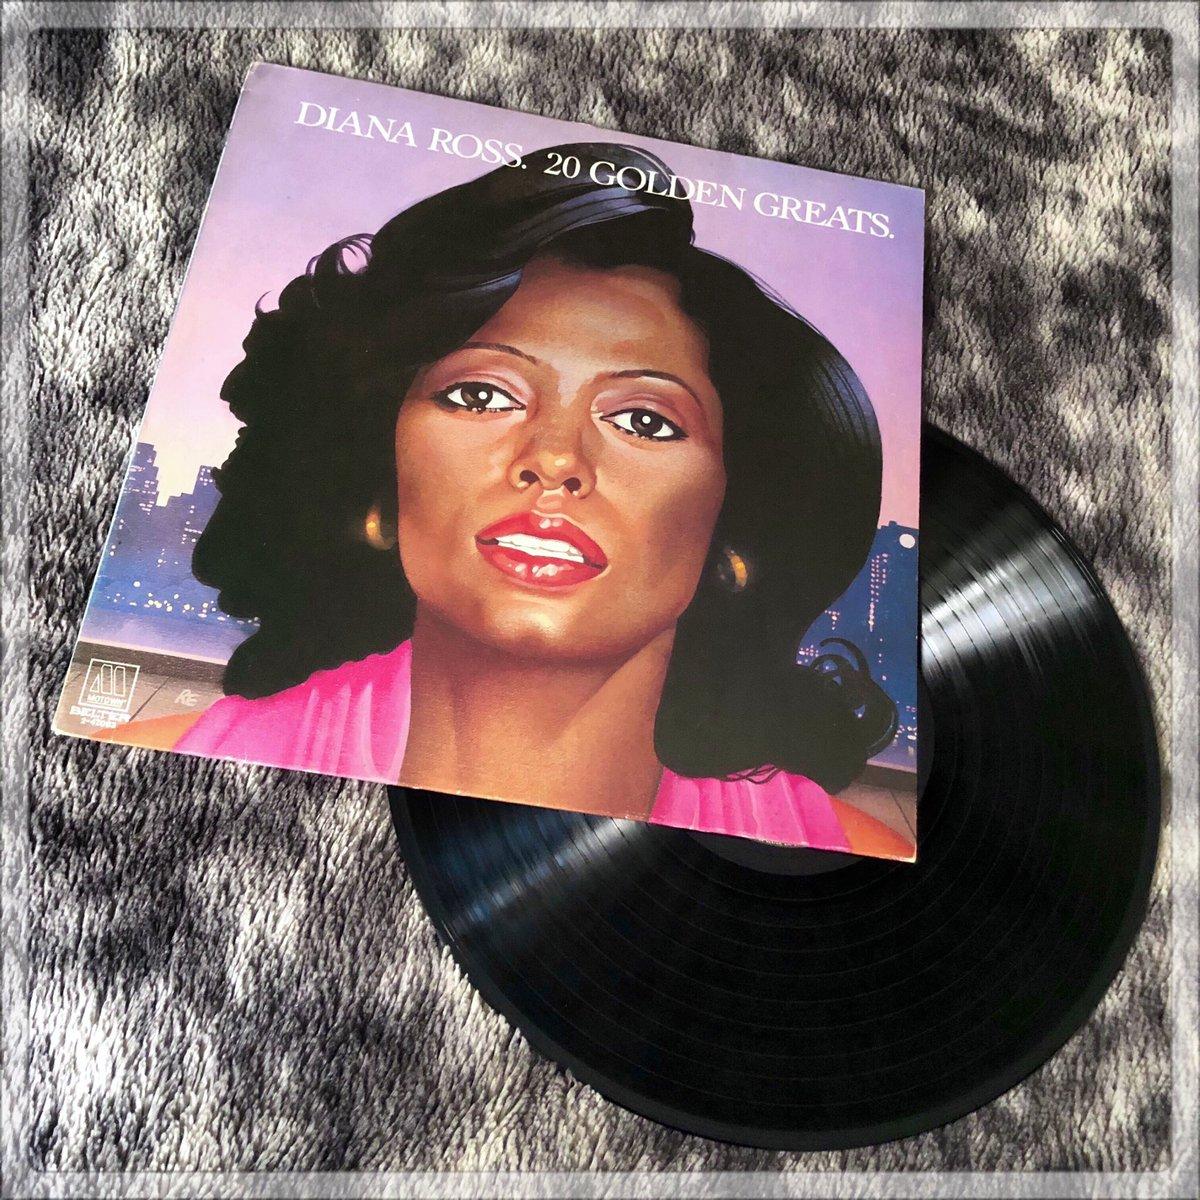 Diana Ross - 20 Golden Greats - 1979 . . . . #dianaross #20goldengreats #20goldengreatsvinyl #vinyl #blackvinyl #vinylcollection #myvinylcollection #ilovevinyl #music #ilovemusic #mymusiccollection #1979 #dianarossvinylpic.twitter.com/PbkgAVYKHi